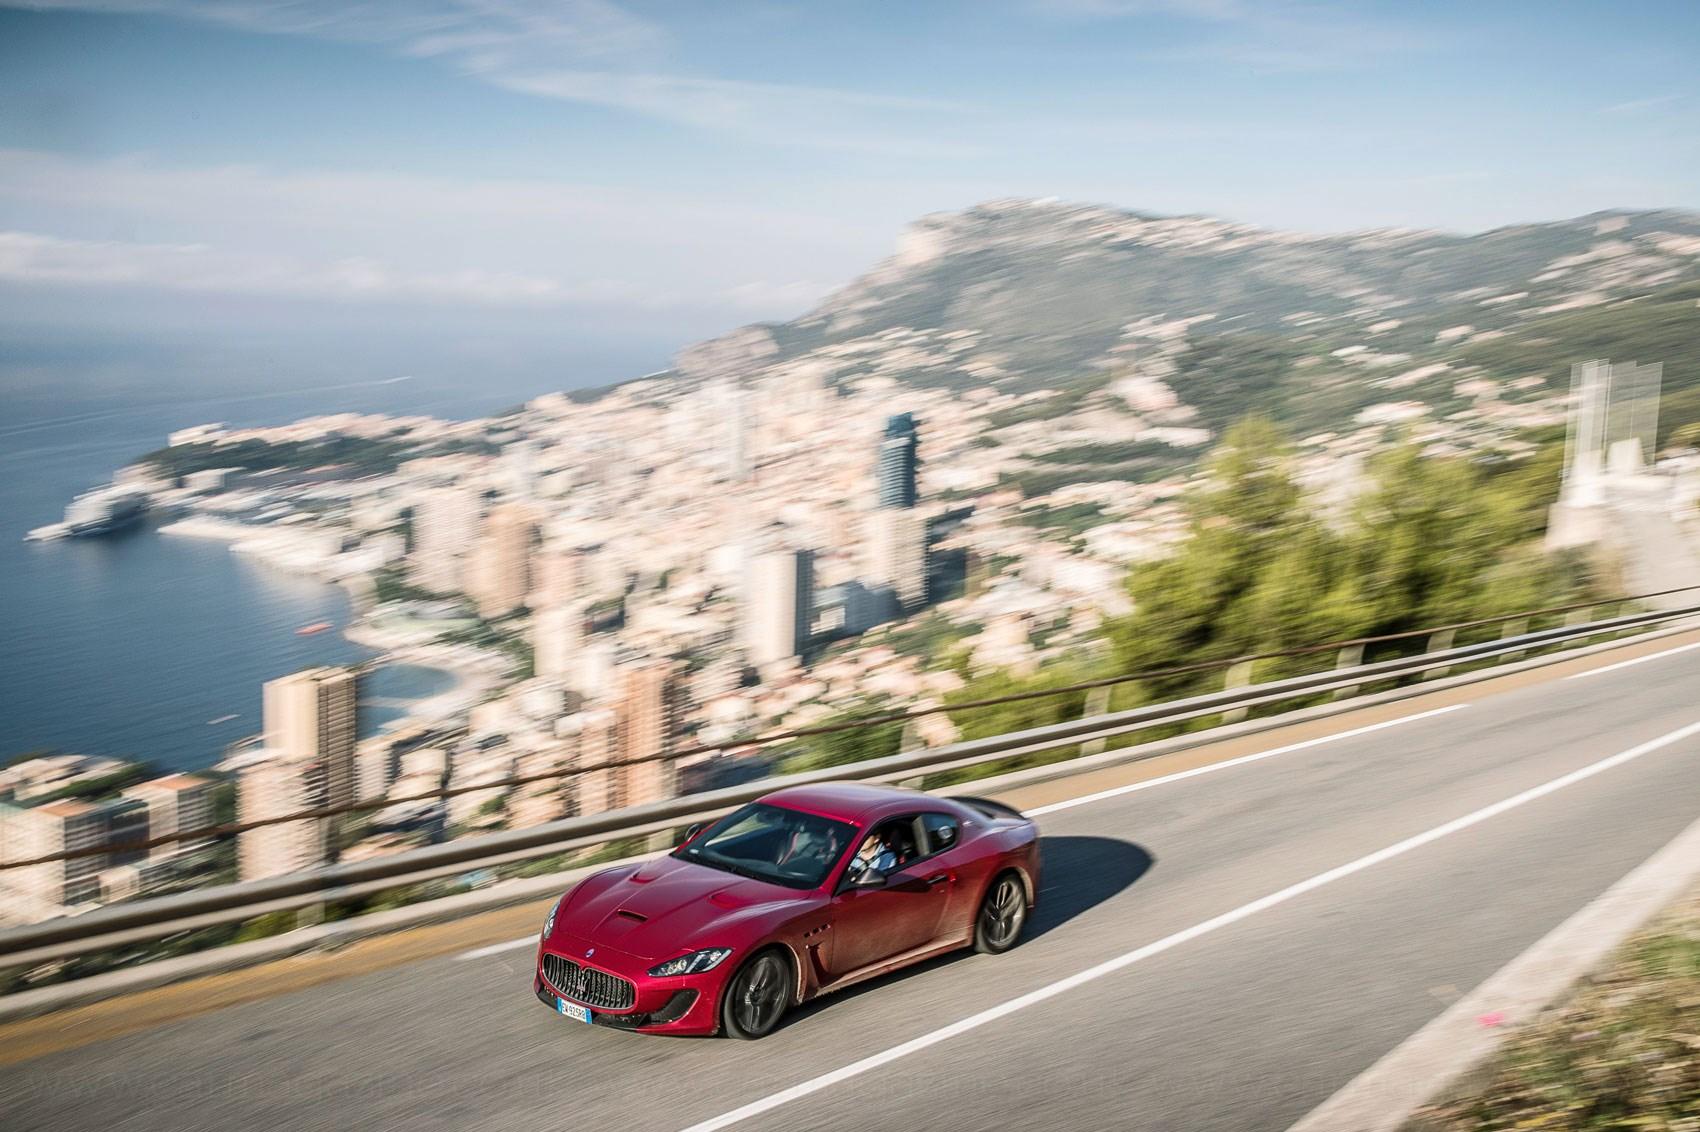 ... 2016 Maserati GranTurismo MC Centennial Edition ...